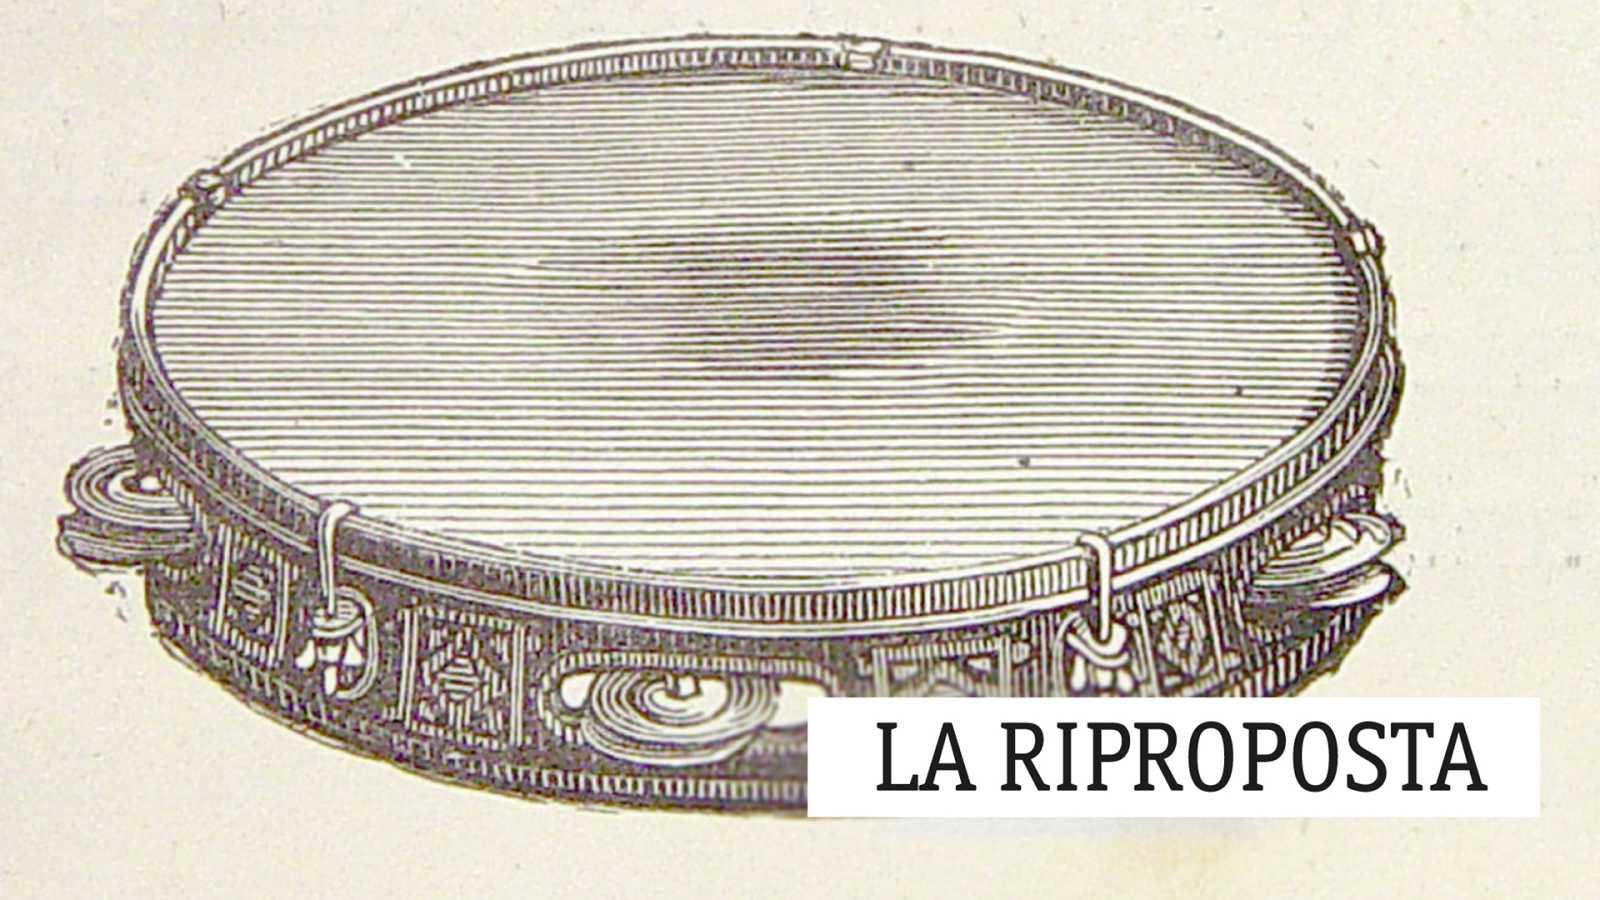 La Riproposta - Las marzas - 13/03/21 - escuchar ahora